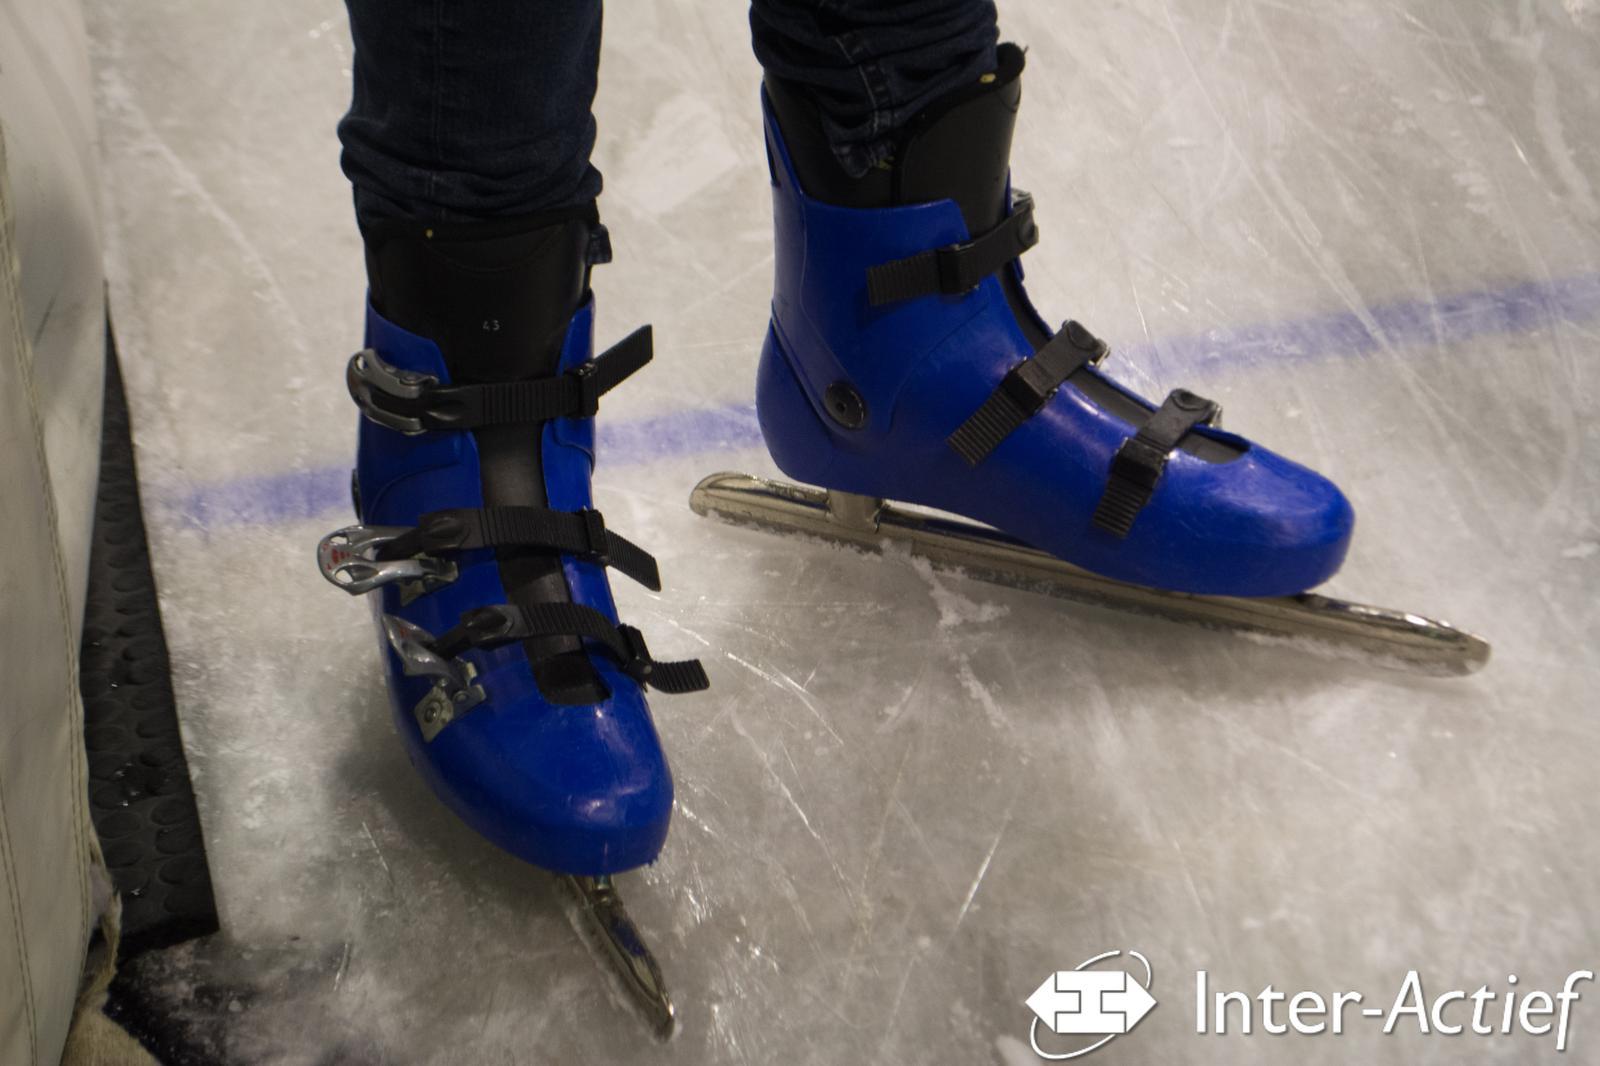 IceSkating20200116_NielsdeGroot-13.jpg